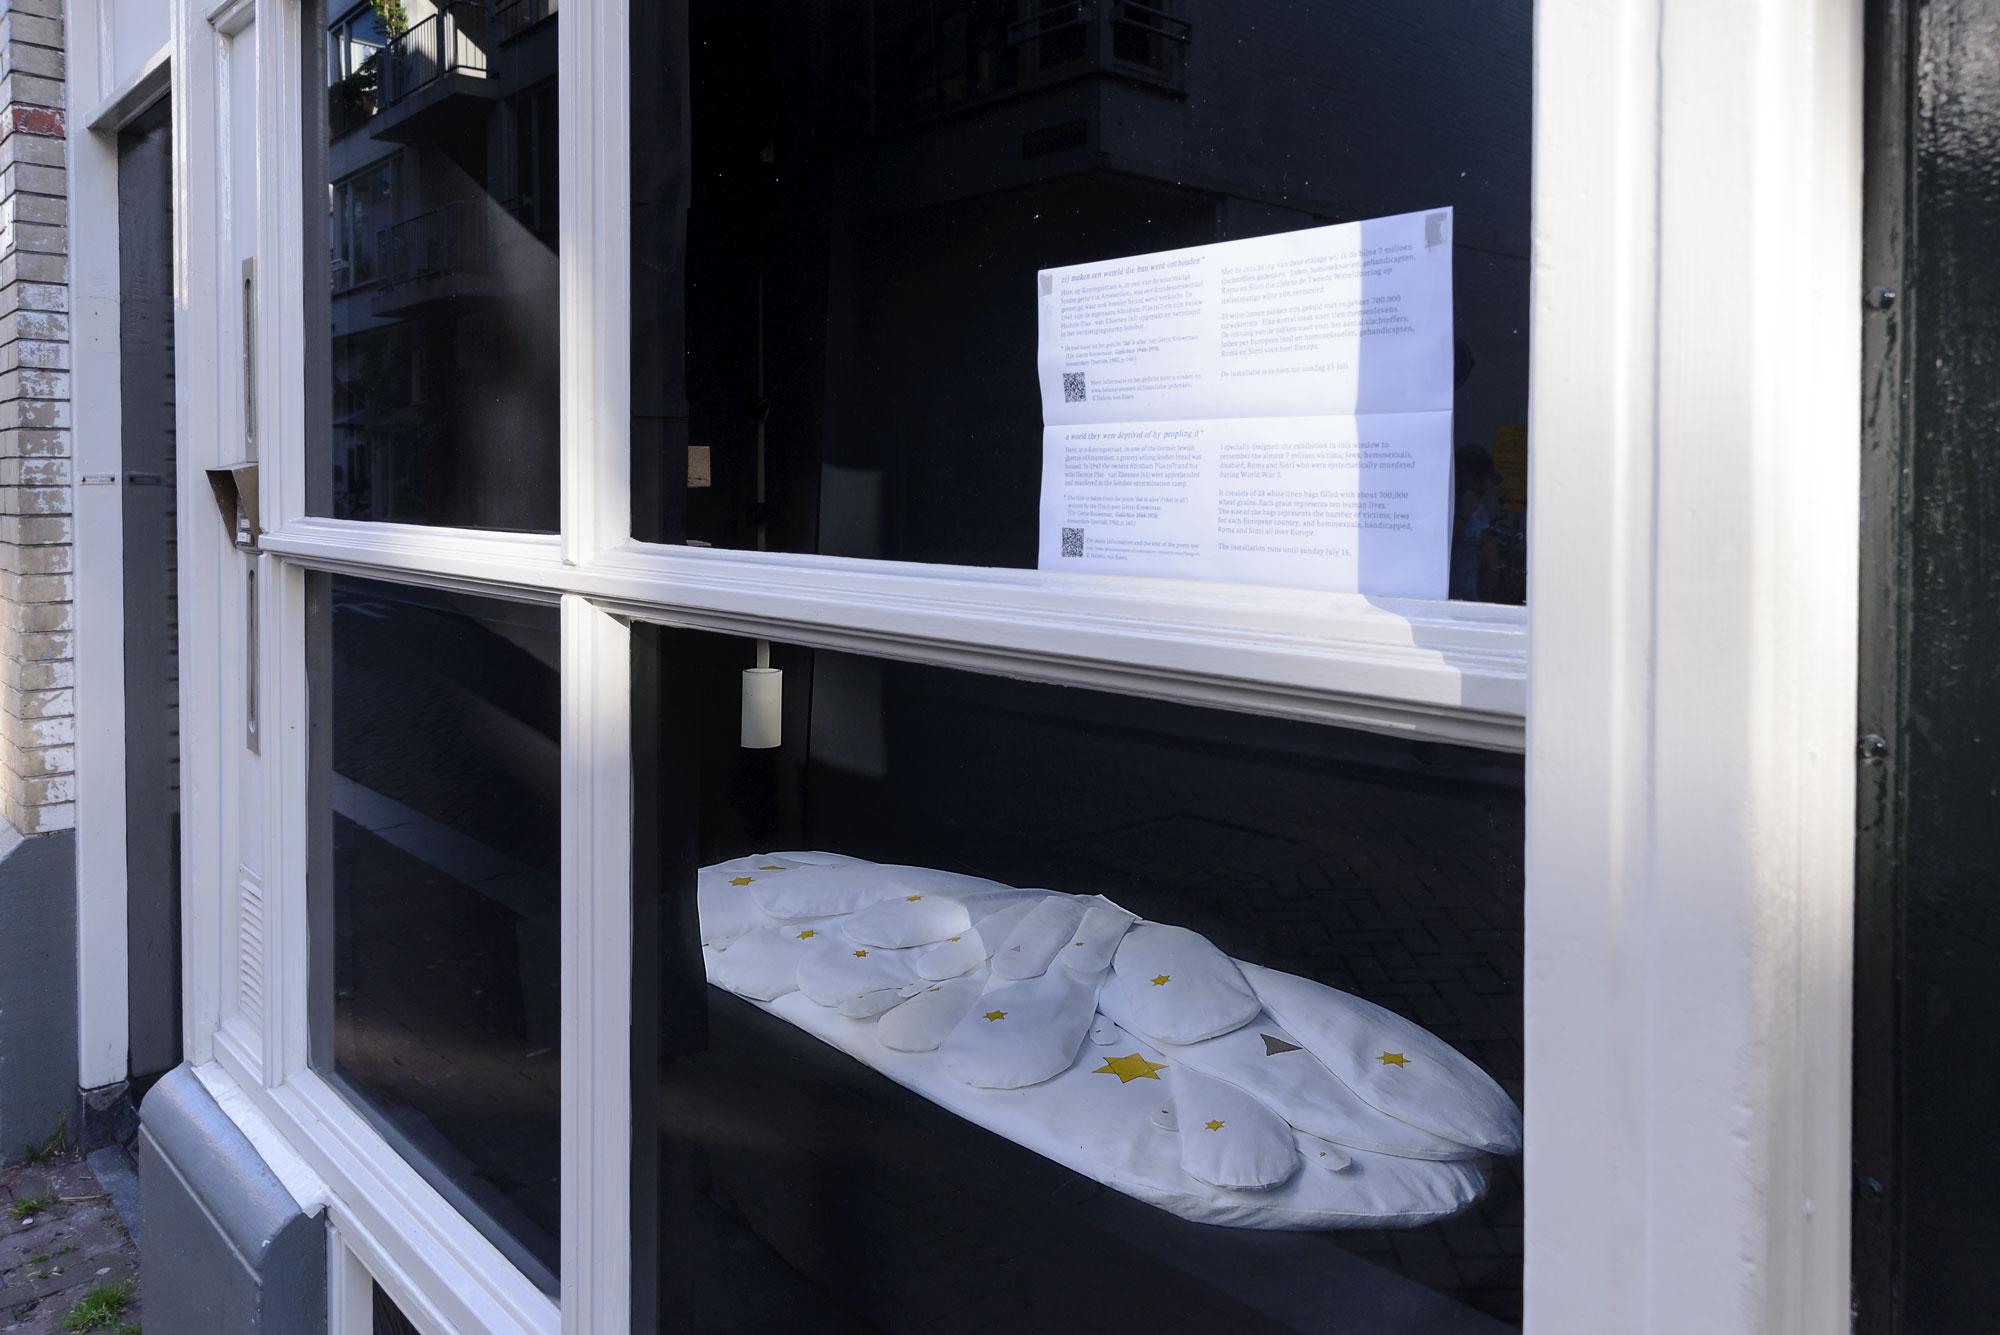 Gedenkinstallatie Koningsstraat 6, Amsterdam. Achter het venster liggen op een baar 23 witte linnen zakken gevuld met tarwekorrels.